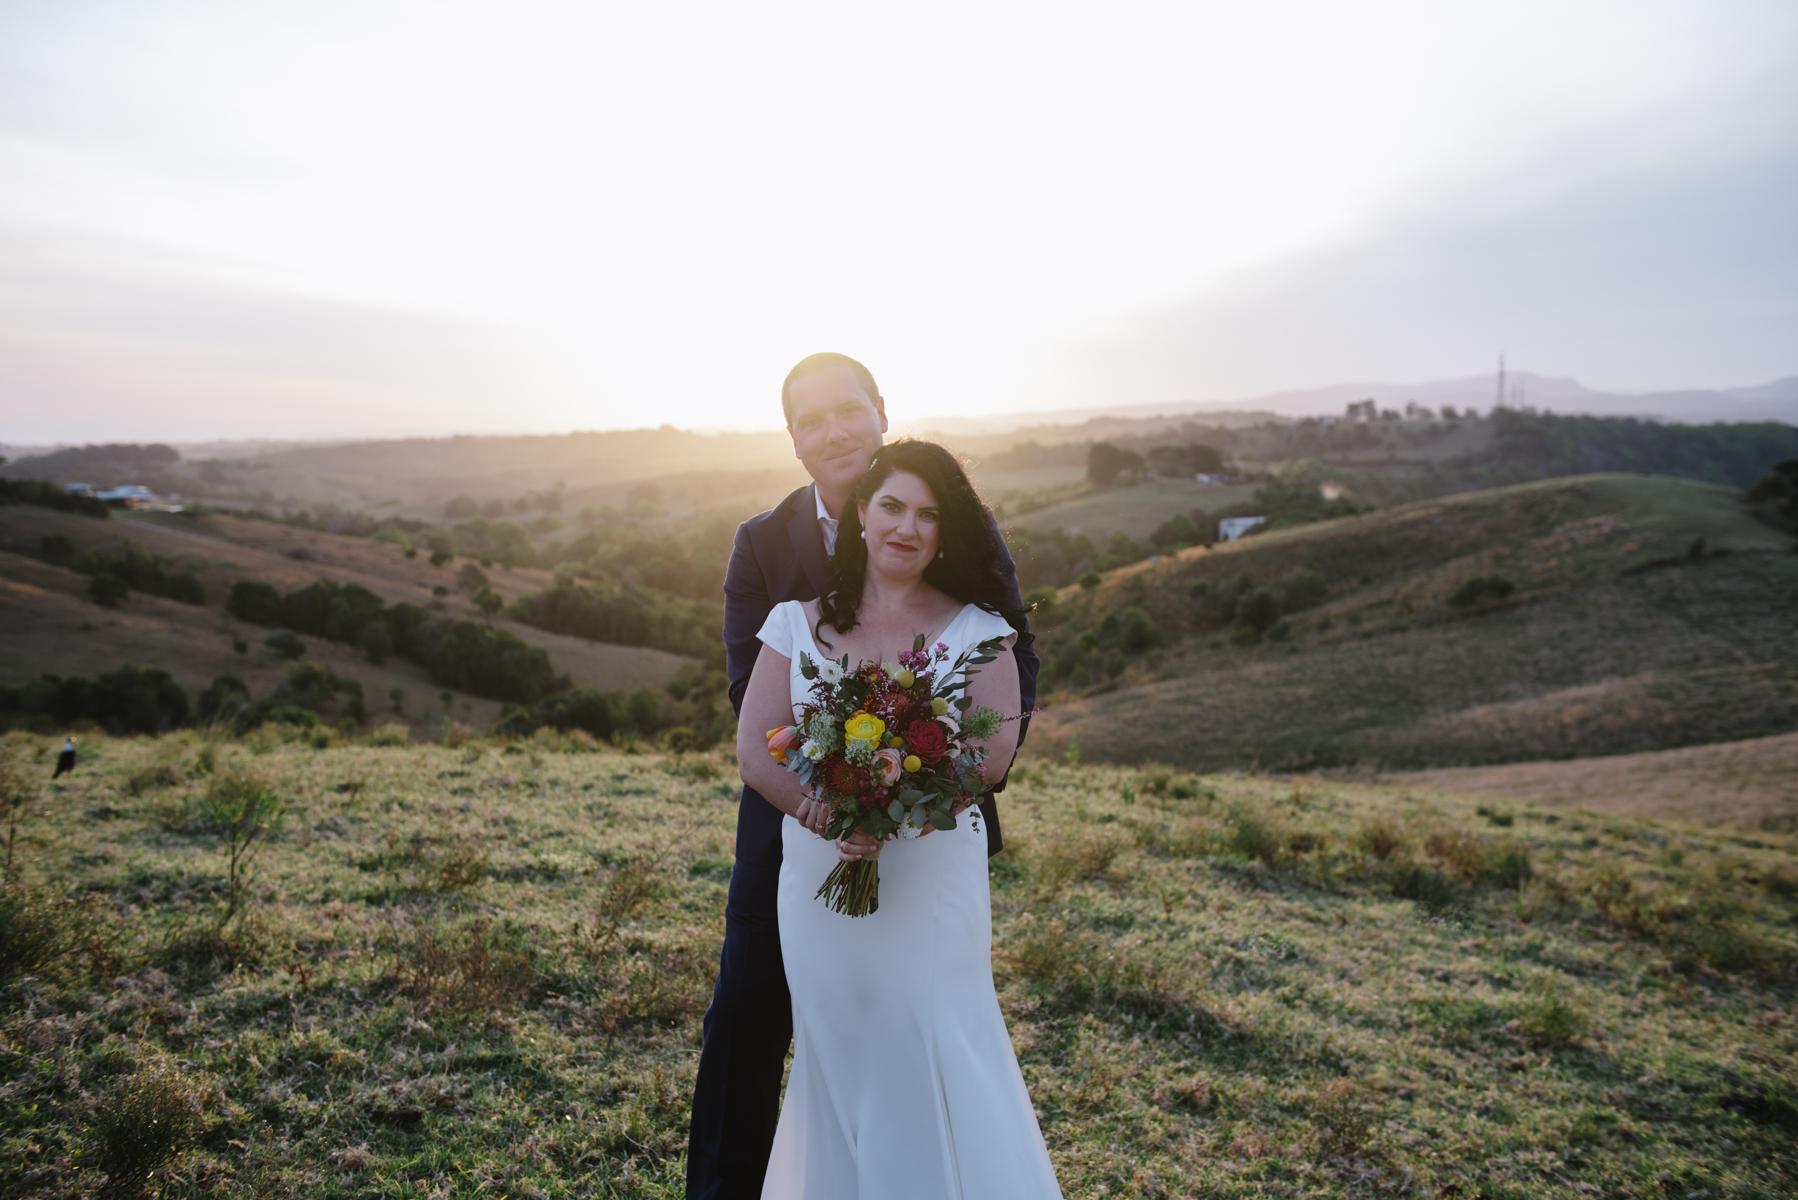 sarahandBenwedding- skyla sage photography weddings, families, byron bay,tweed coast,kingscliff,cabarita,gold coast-861.jpg